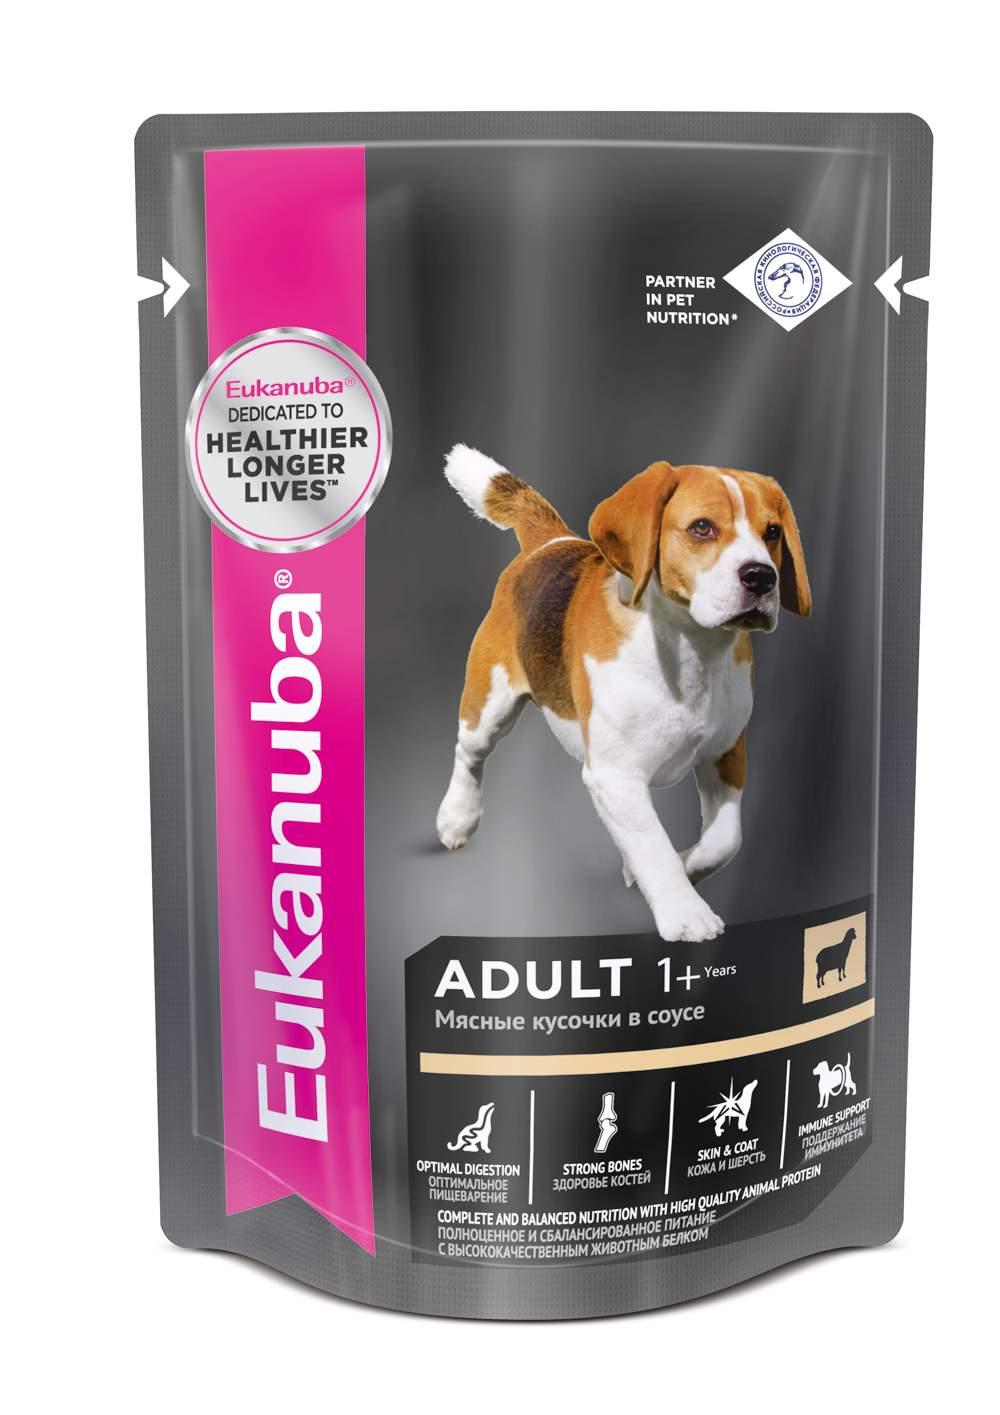 Консервы Eukanuba для собак, с ягненком, 100 г10151135Консервы Eukanuba - полноценное и сбалансированное питание для взрослых собак всех пород в возрасте старше 1 года с высококачественным животным белком. Способствует поддержанию здоровой кишечной микрофлоры за счет пребиотиков и клетчатки. Содержит все необходимые минеральные вещества и витамины для здорового роста и развития. Поддерживает здоровье кожи и красоту шерсти при помощи оптимального соотношения омега-З и омега-6 жирных кислот. Способствует поддержанию иммунной системы за счет антиоксидантов. Состав: мясо и субпродукты (в том числе ягненок минимум 4%), злаки, витамины и минеральные вещества, рыбий жир. Товар сертифицирован.